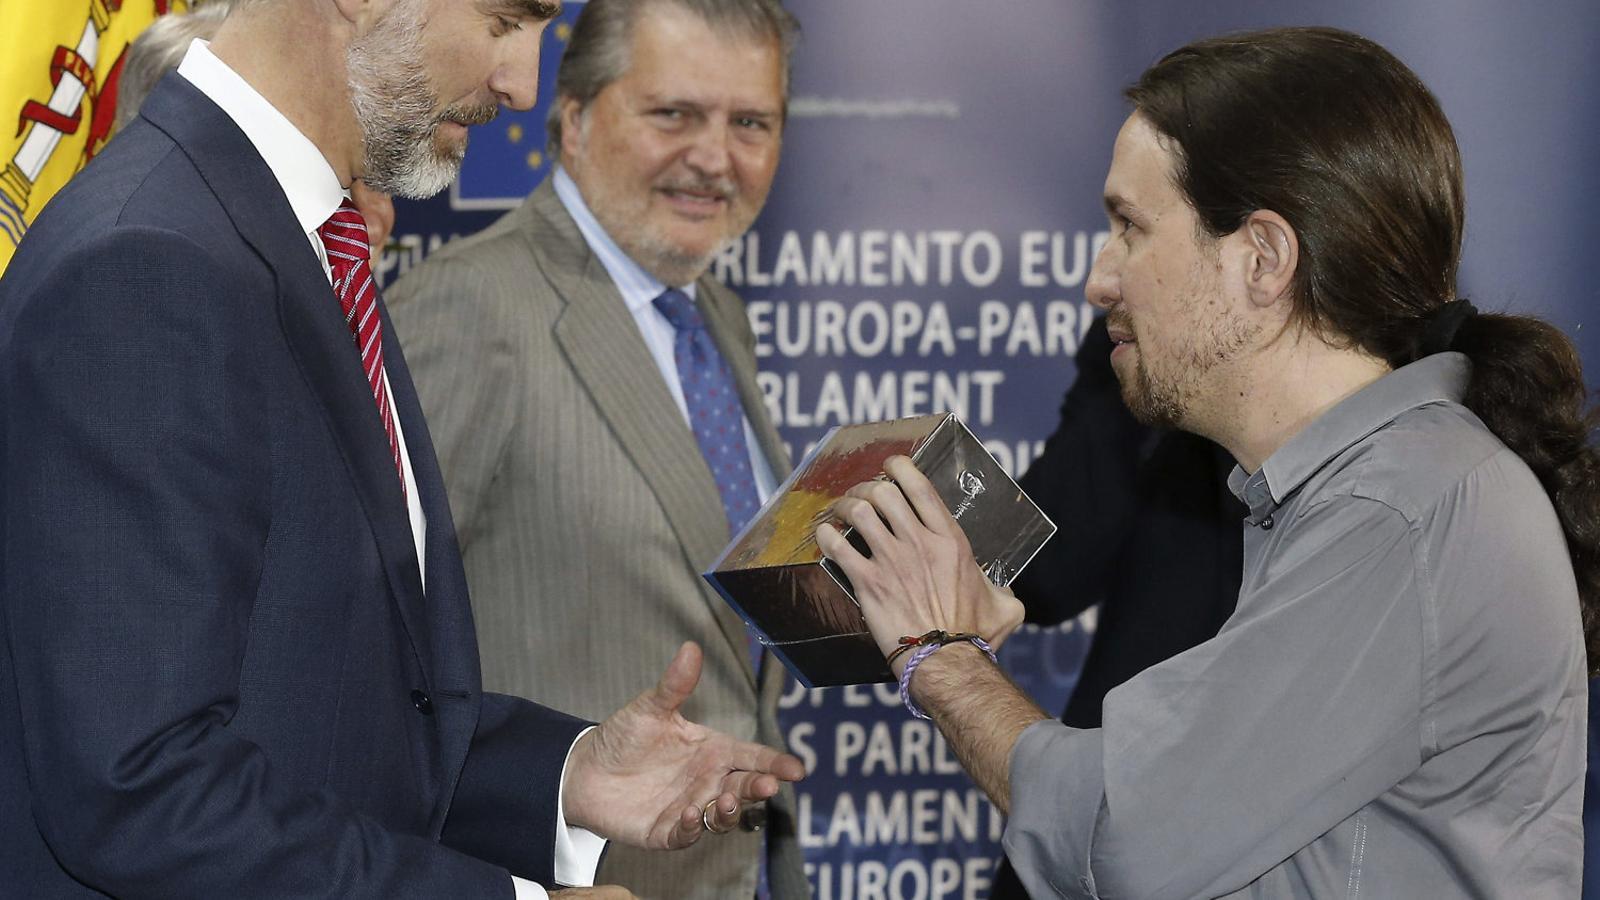 Quan Podem elogiava el rei. El 2015 Iglesias va regalar  Joc de trons  a Felip VI.